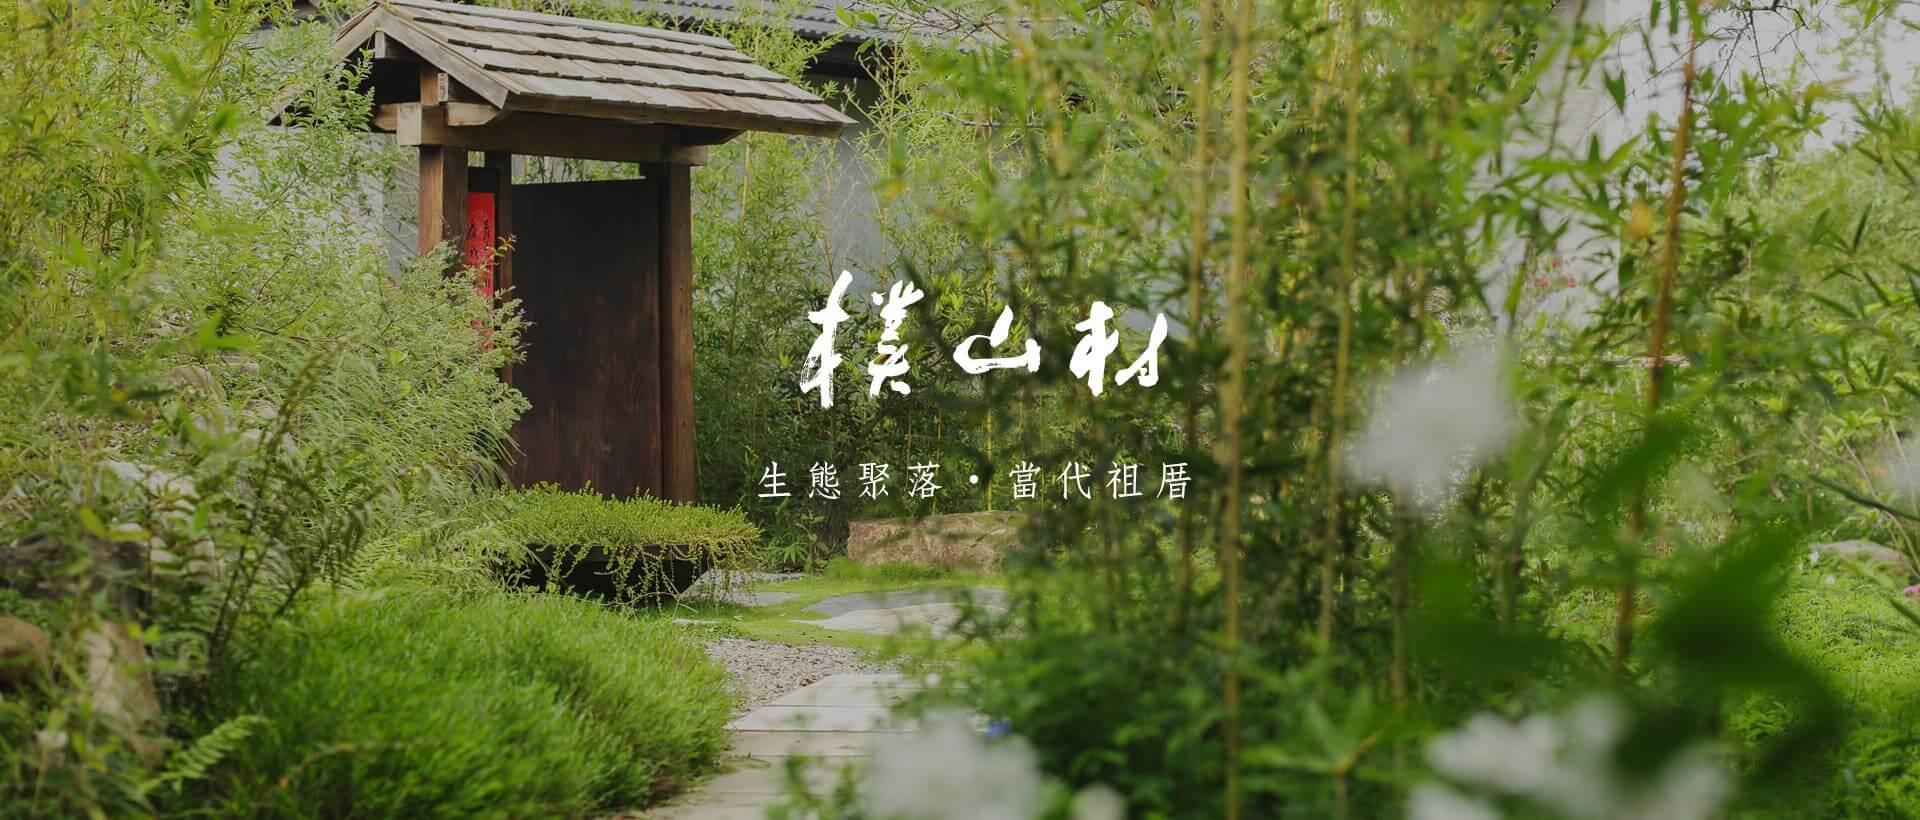 樸山村 – 半畝塘